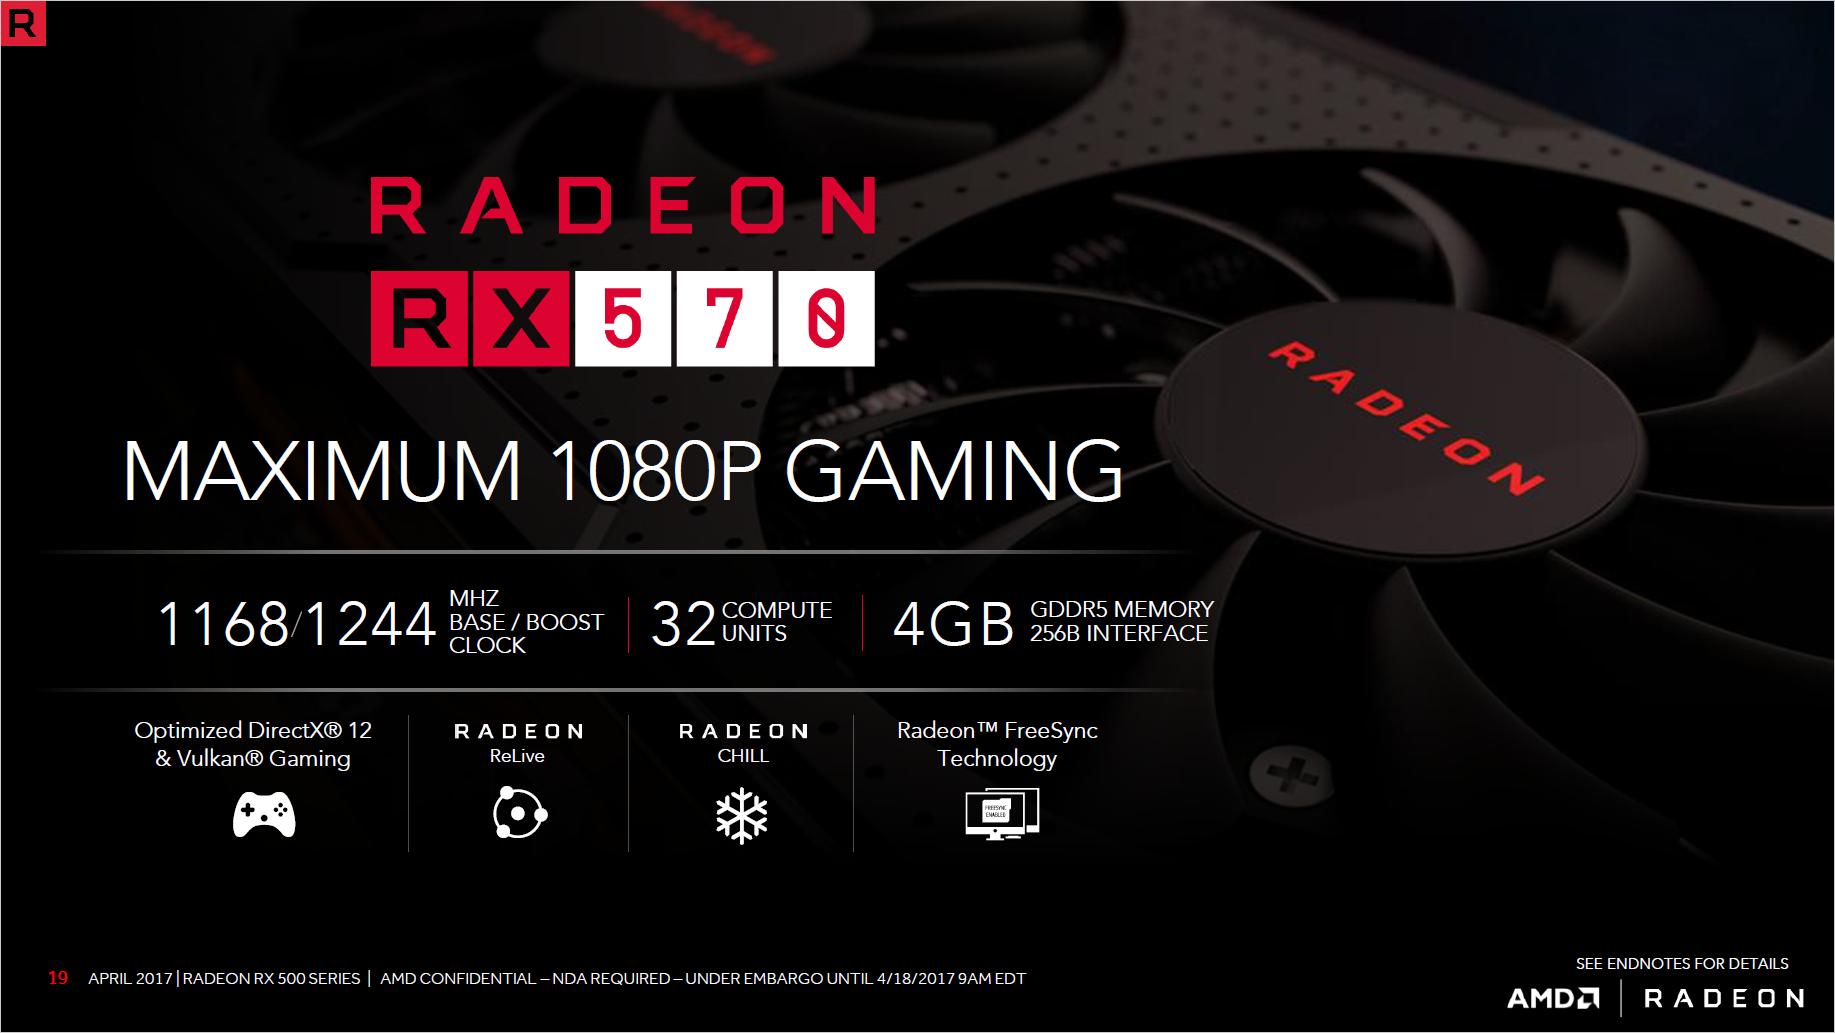 Radeon RX 580 und RX 570 im Test: AMDs Grafikkarten sind schneller und sparsamer - Technische Daten der Radeon RX 570 (Bild: AMD)